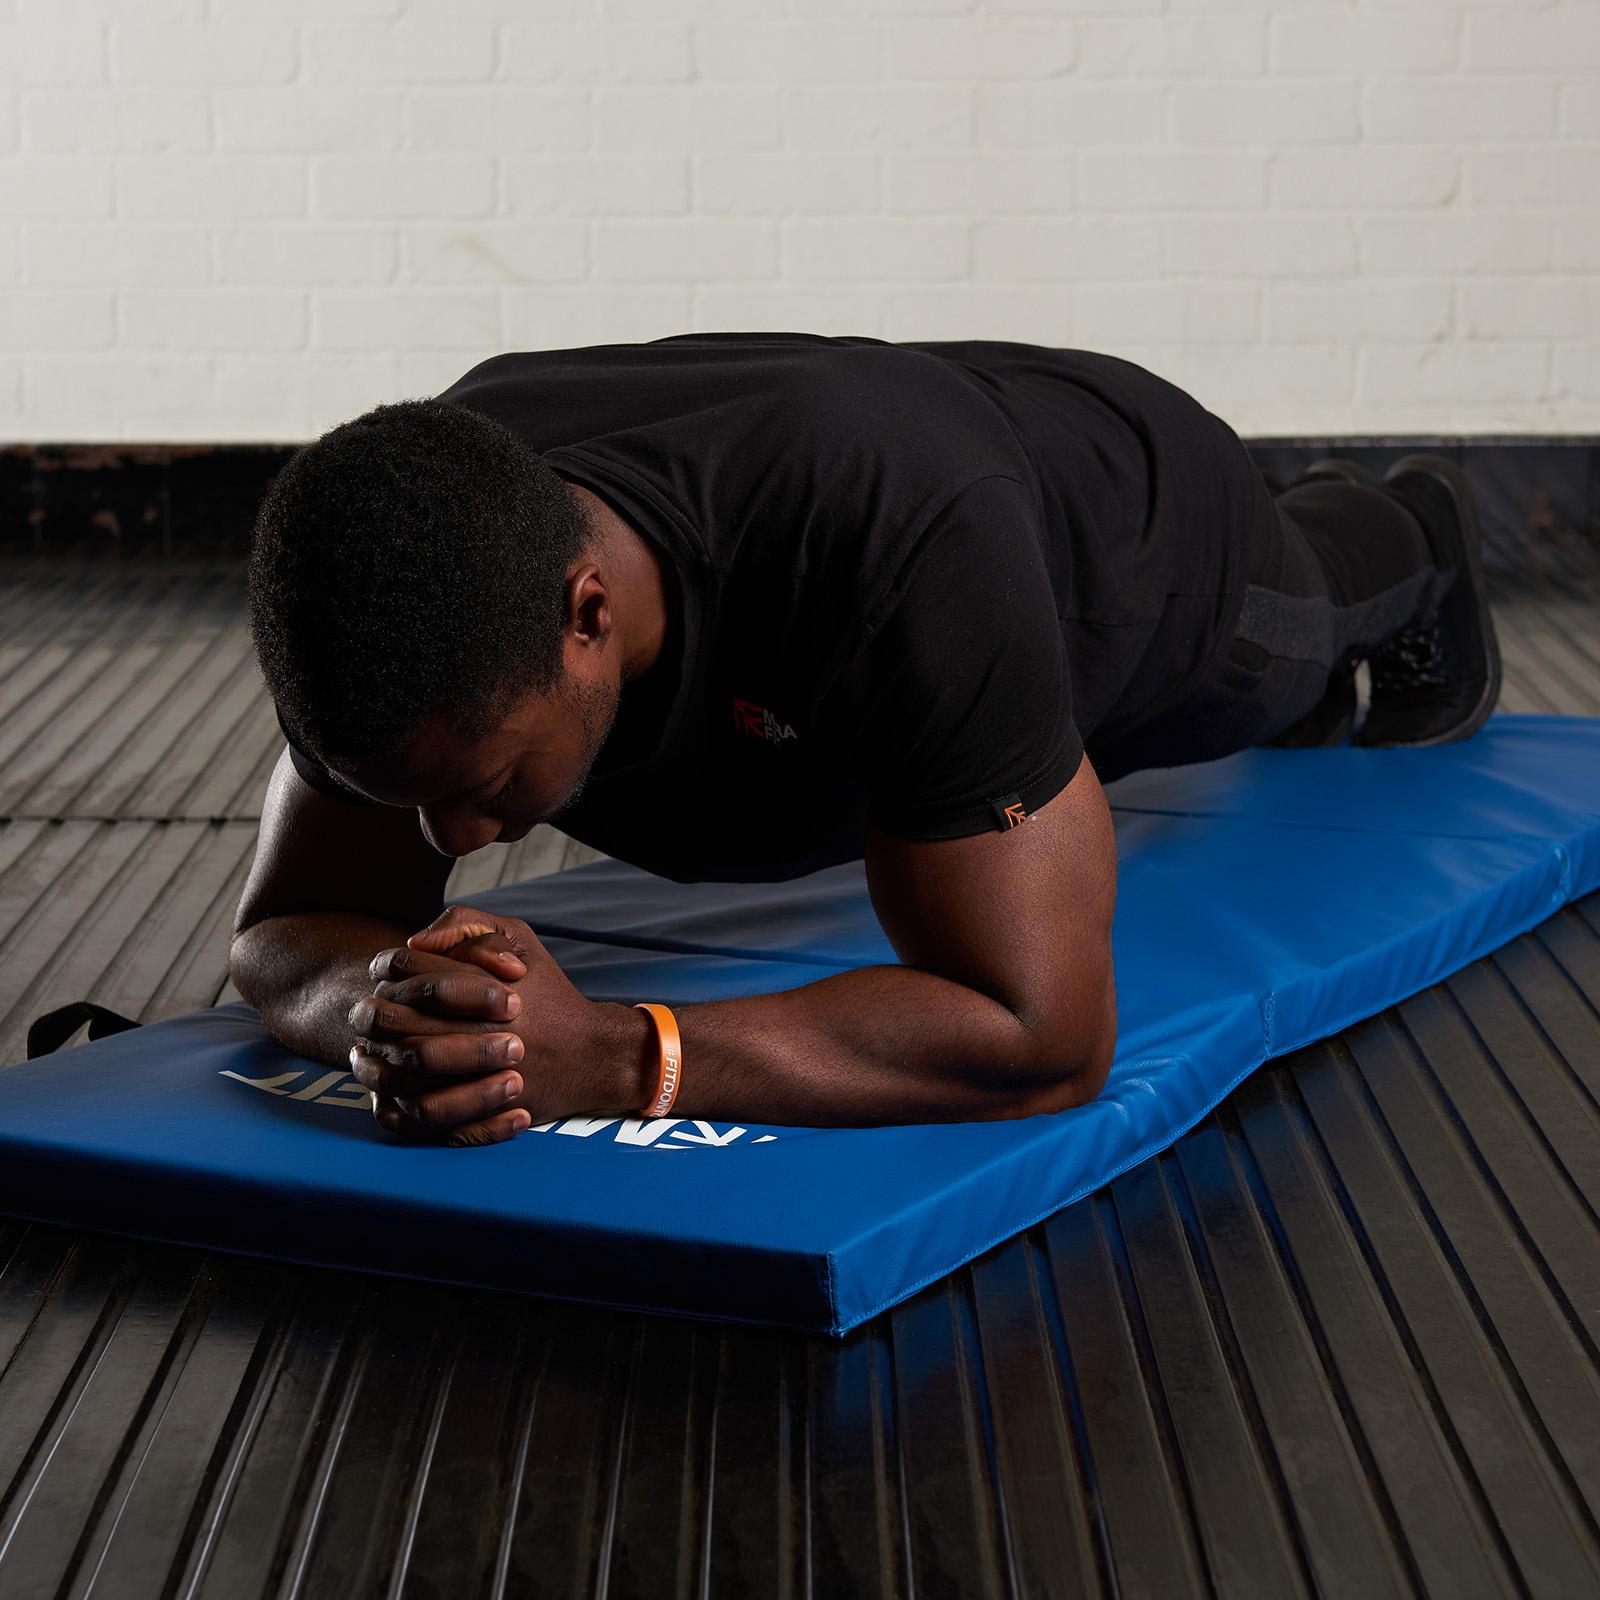 Mousse souple pliable CARRY Fitness Tapis Yoga Exercice Gym Entraînement Fitness